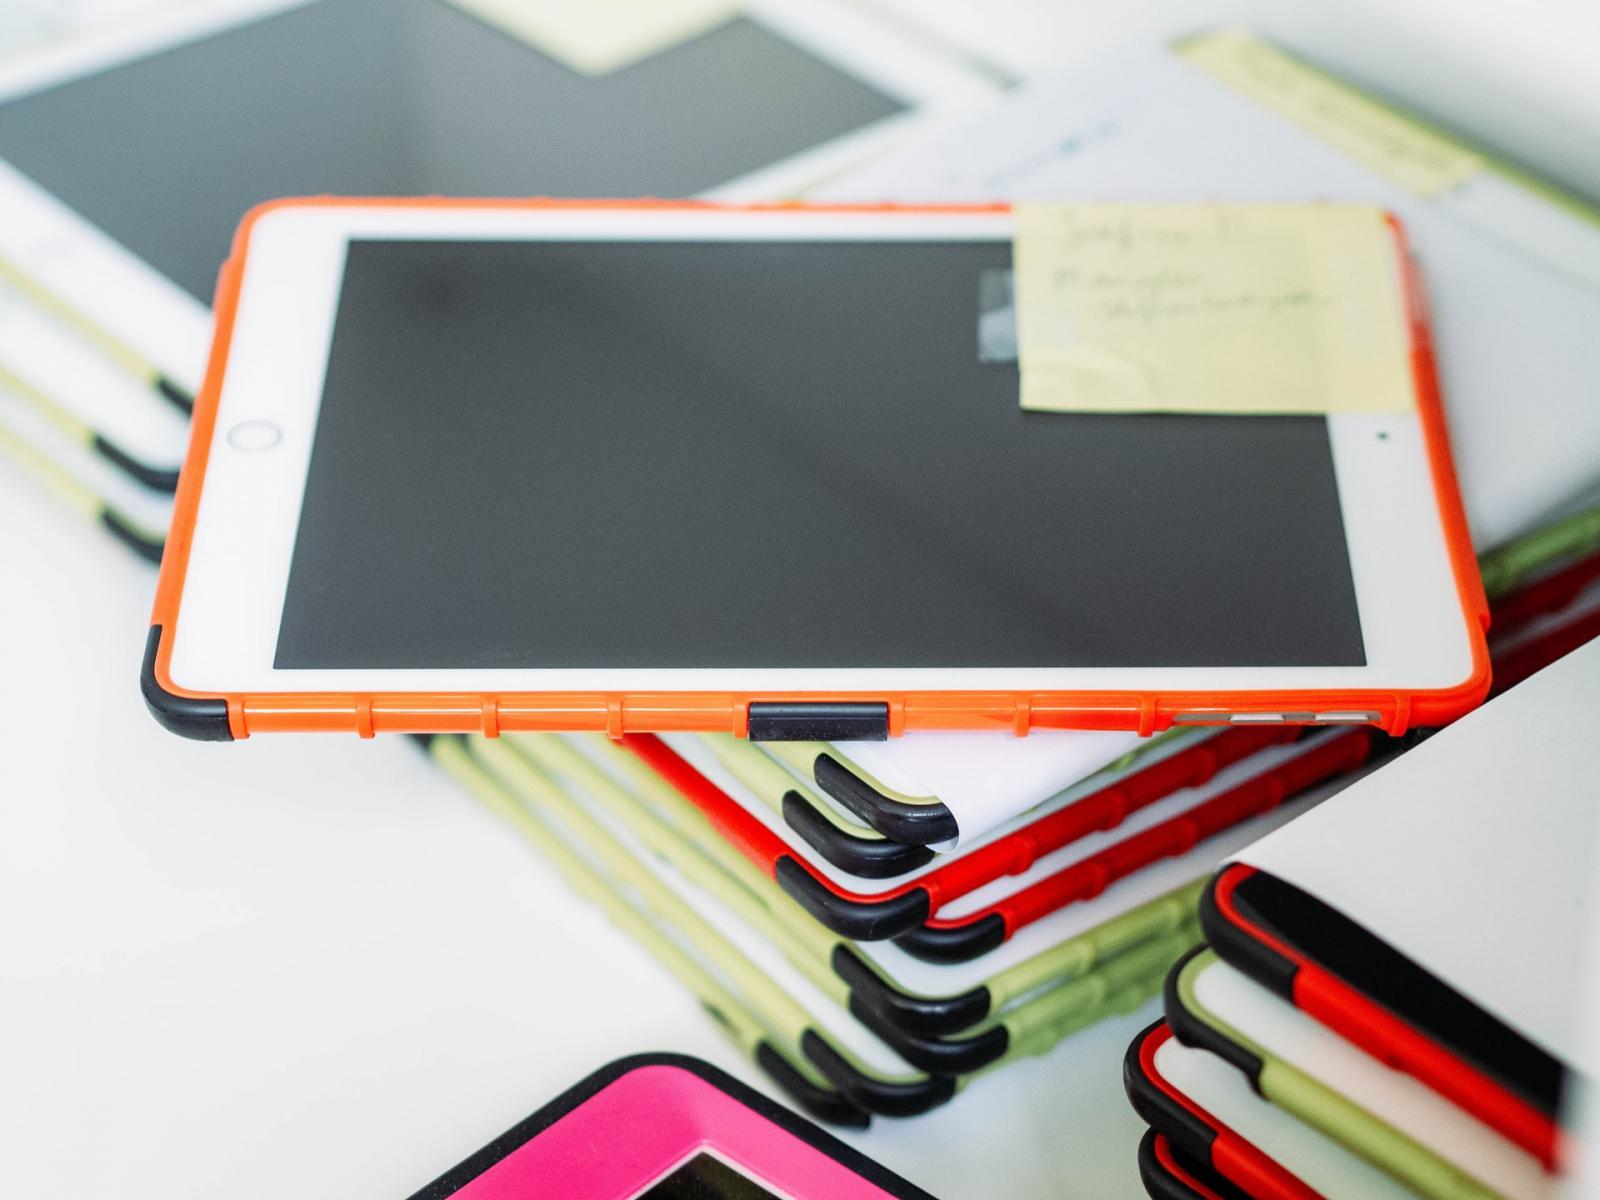 三級警戒延長 通訊行熱銷產品大洗牌:平板、Switch、耳機最夯